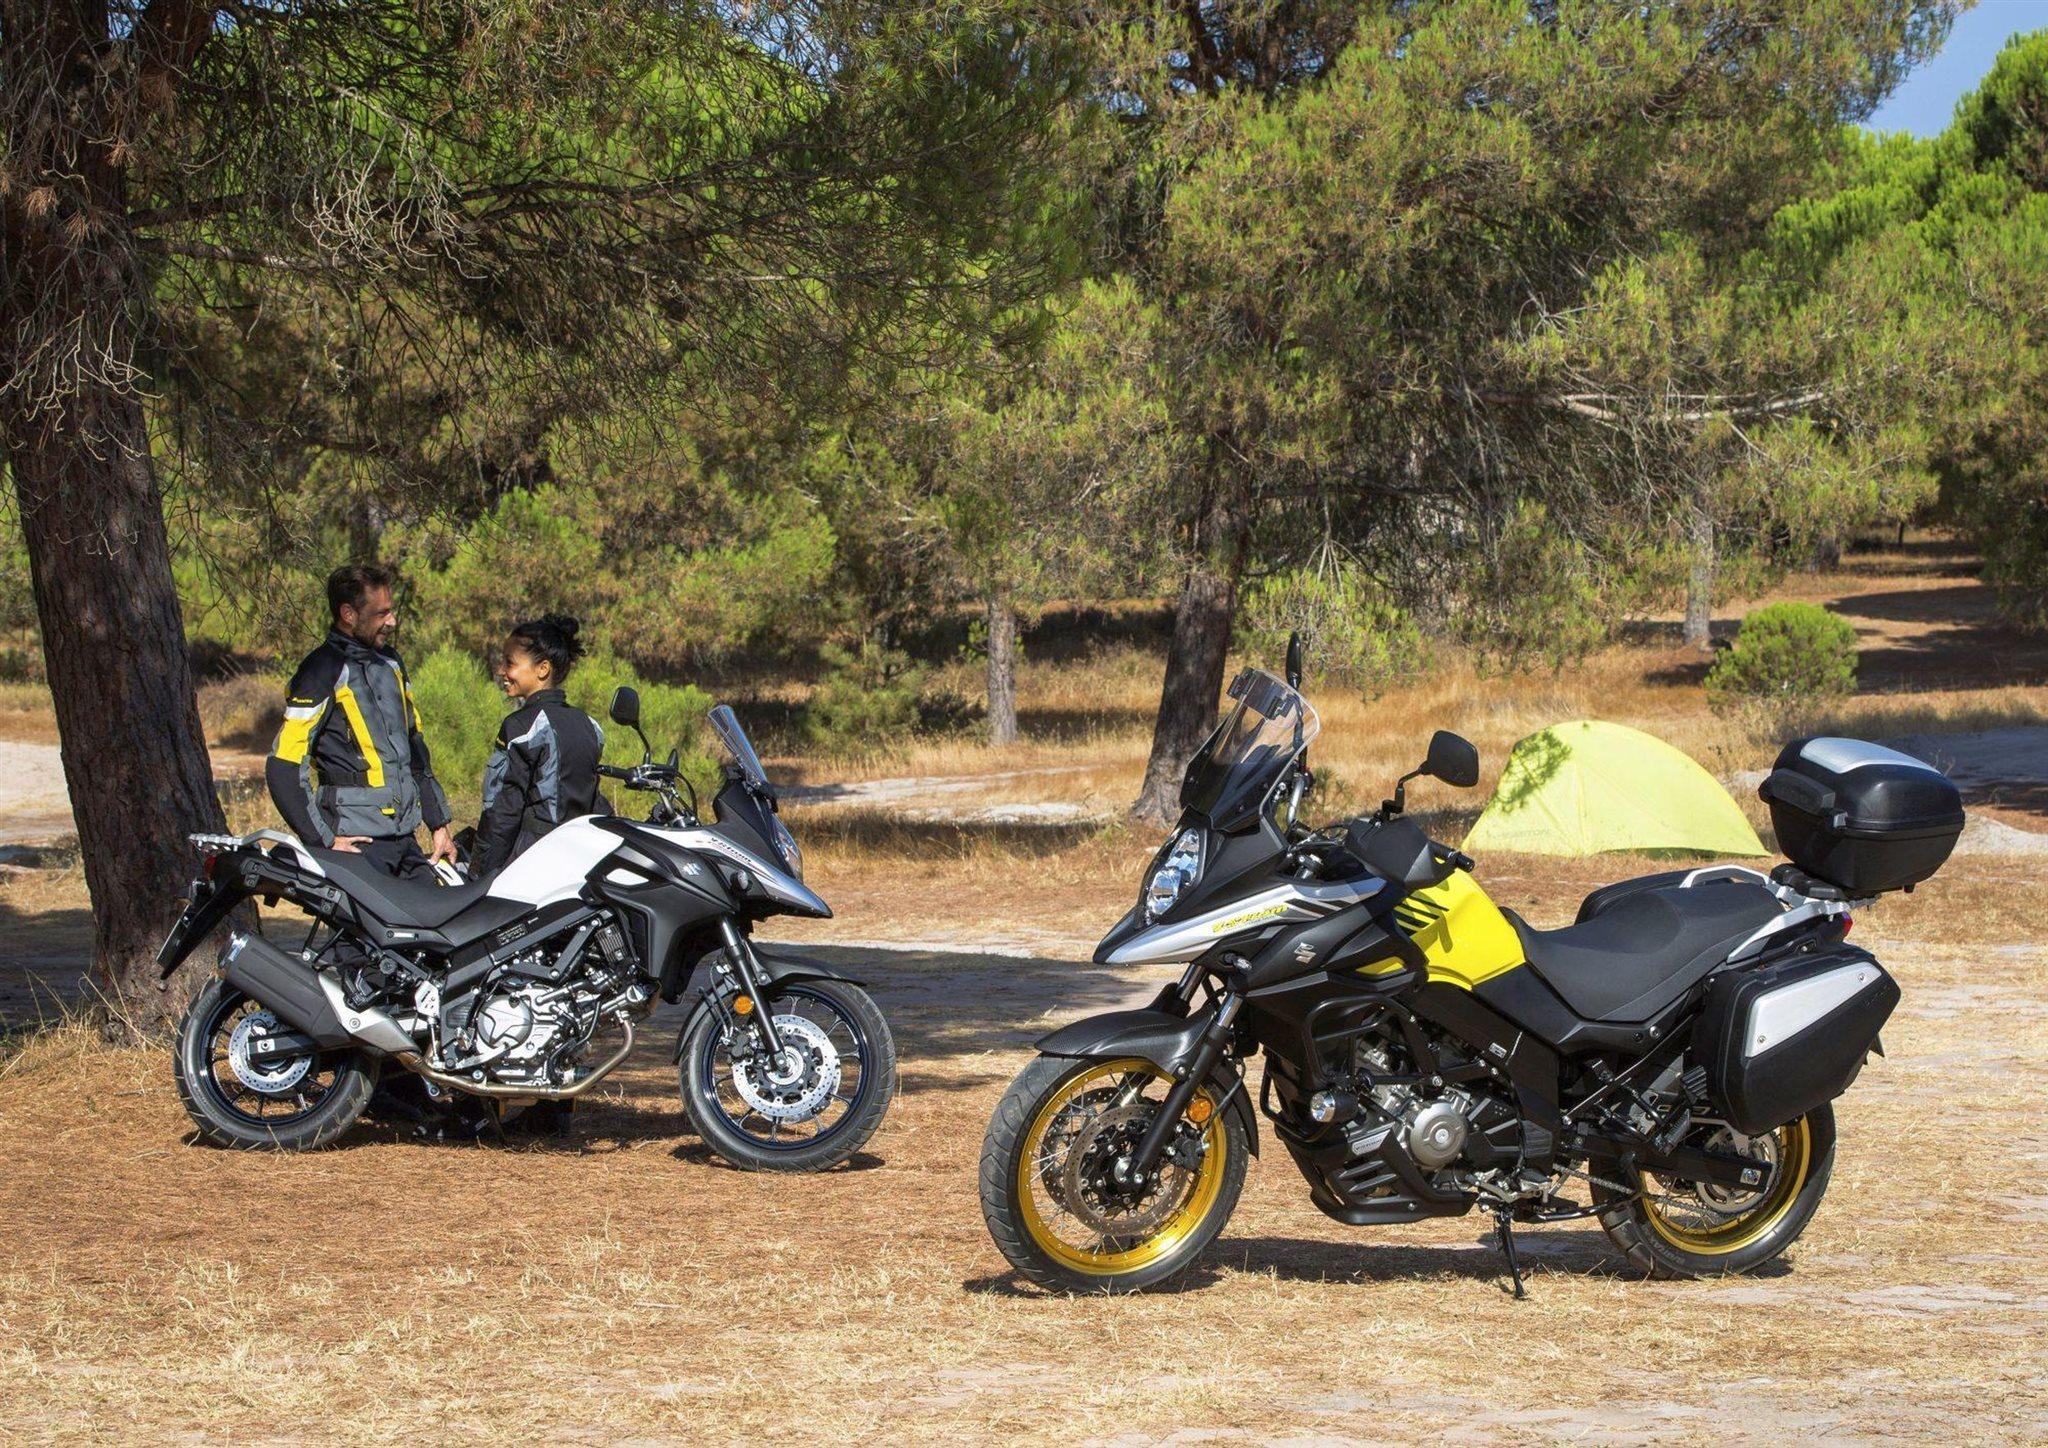 SUZUKI DL 650 V-STROM XT 2019 650 cm3   moto routière   5